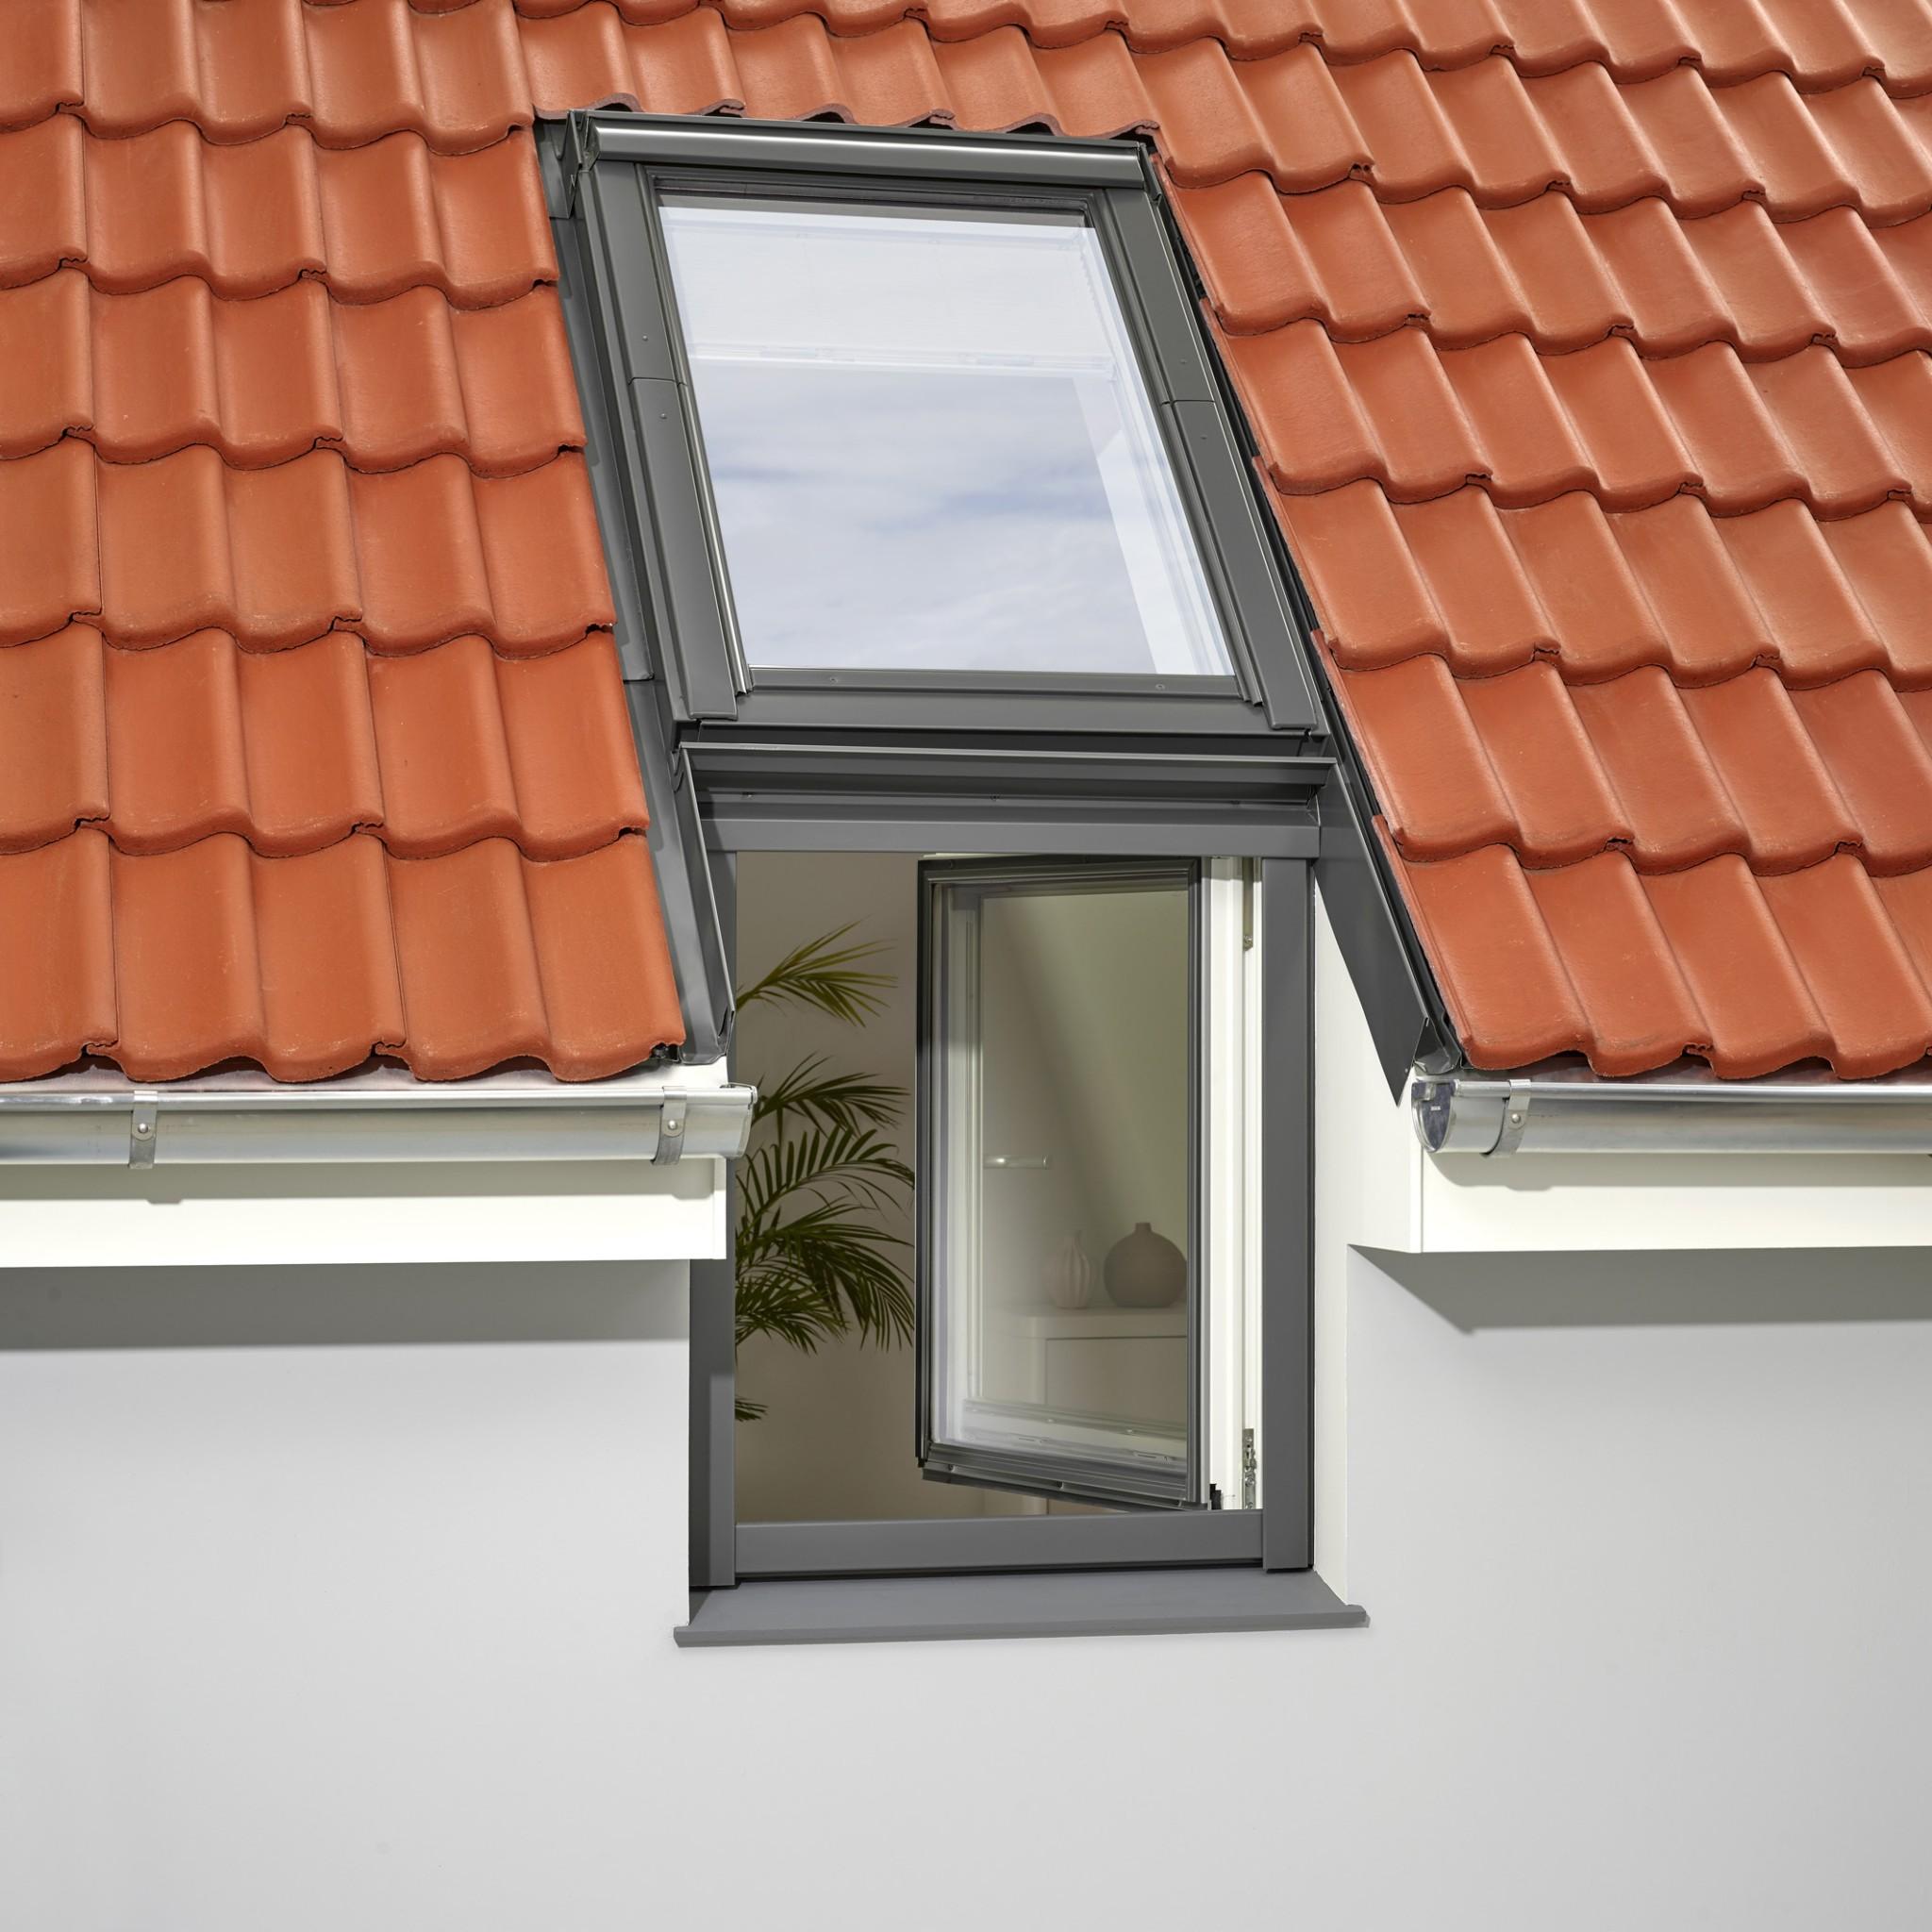 Henke Dachfenster für das Auetal - VELUX Fassadenfenster Lichtband